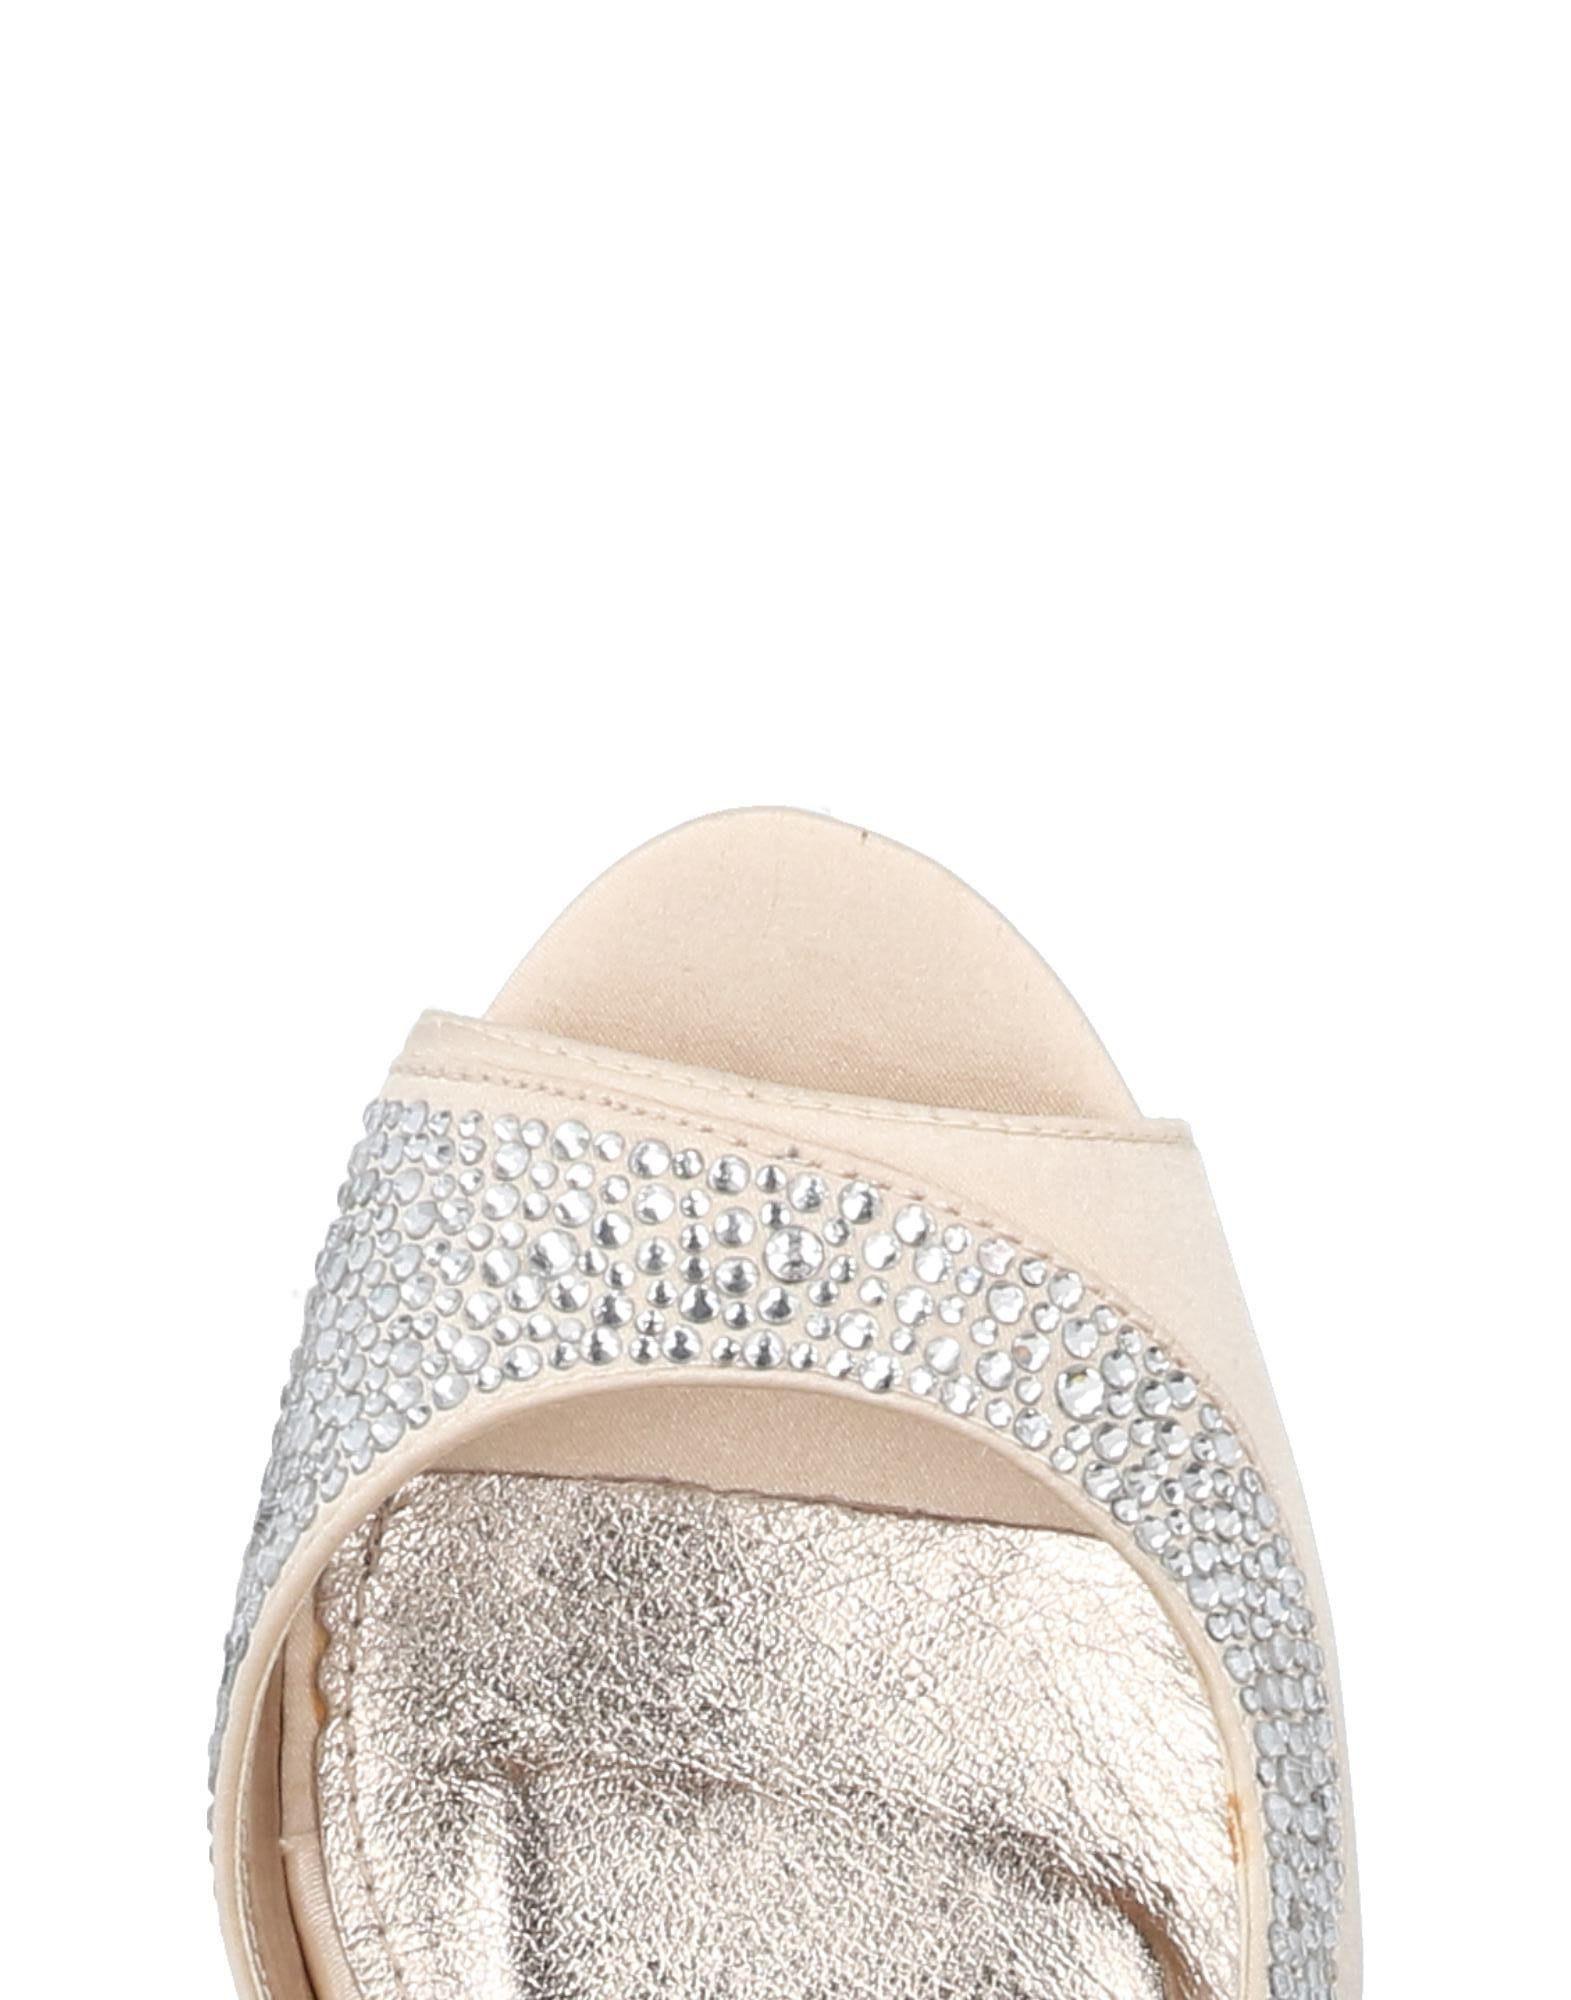 O6  The Gold Edition Sandalen Damen  O6 11464789UF Gute Qualität beliebte Schuhe 681321